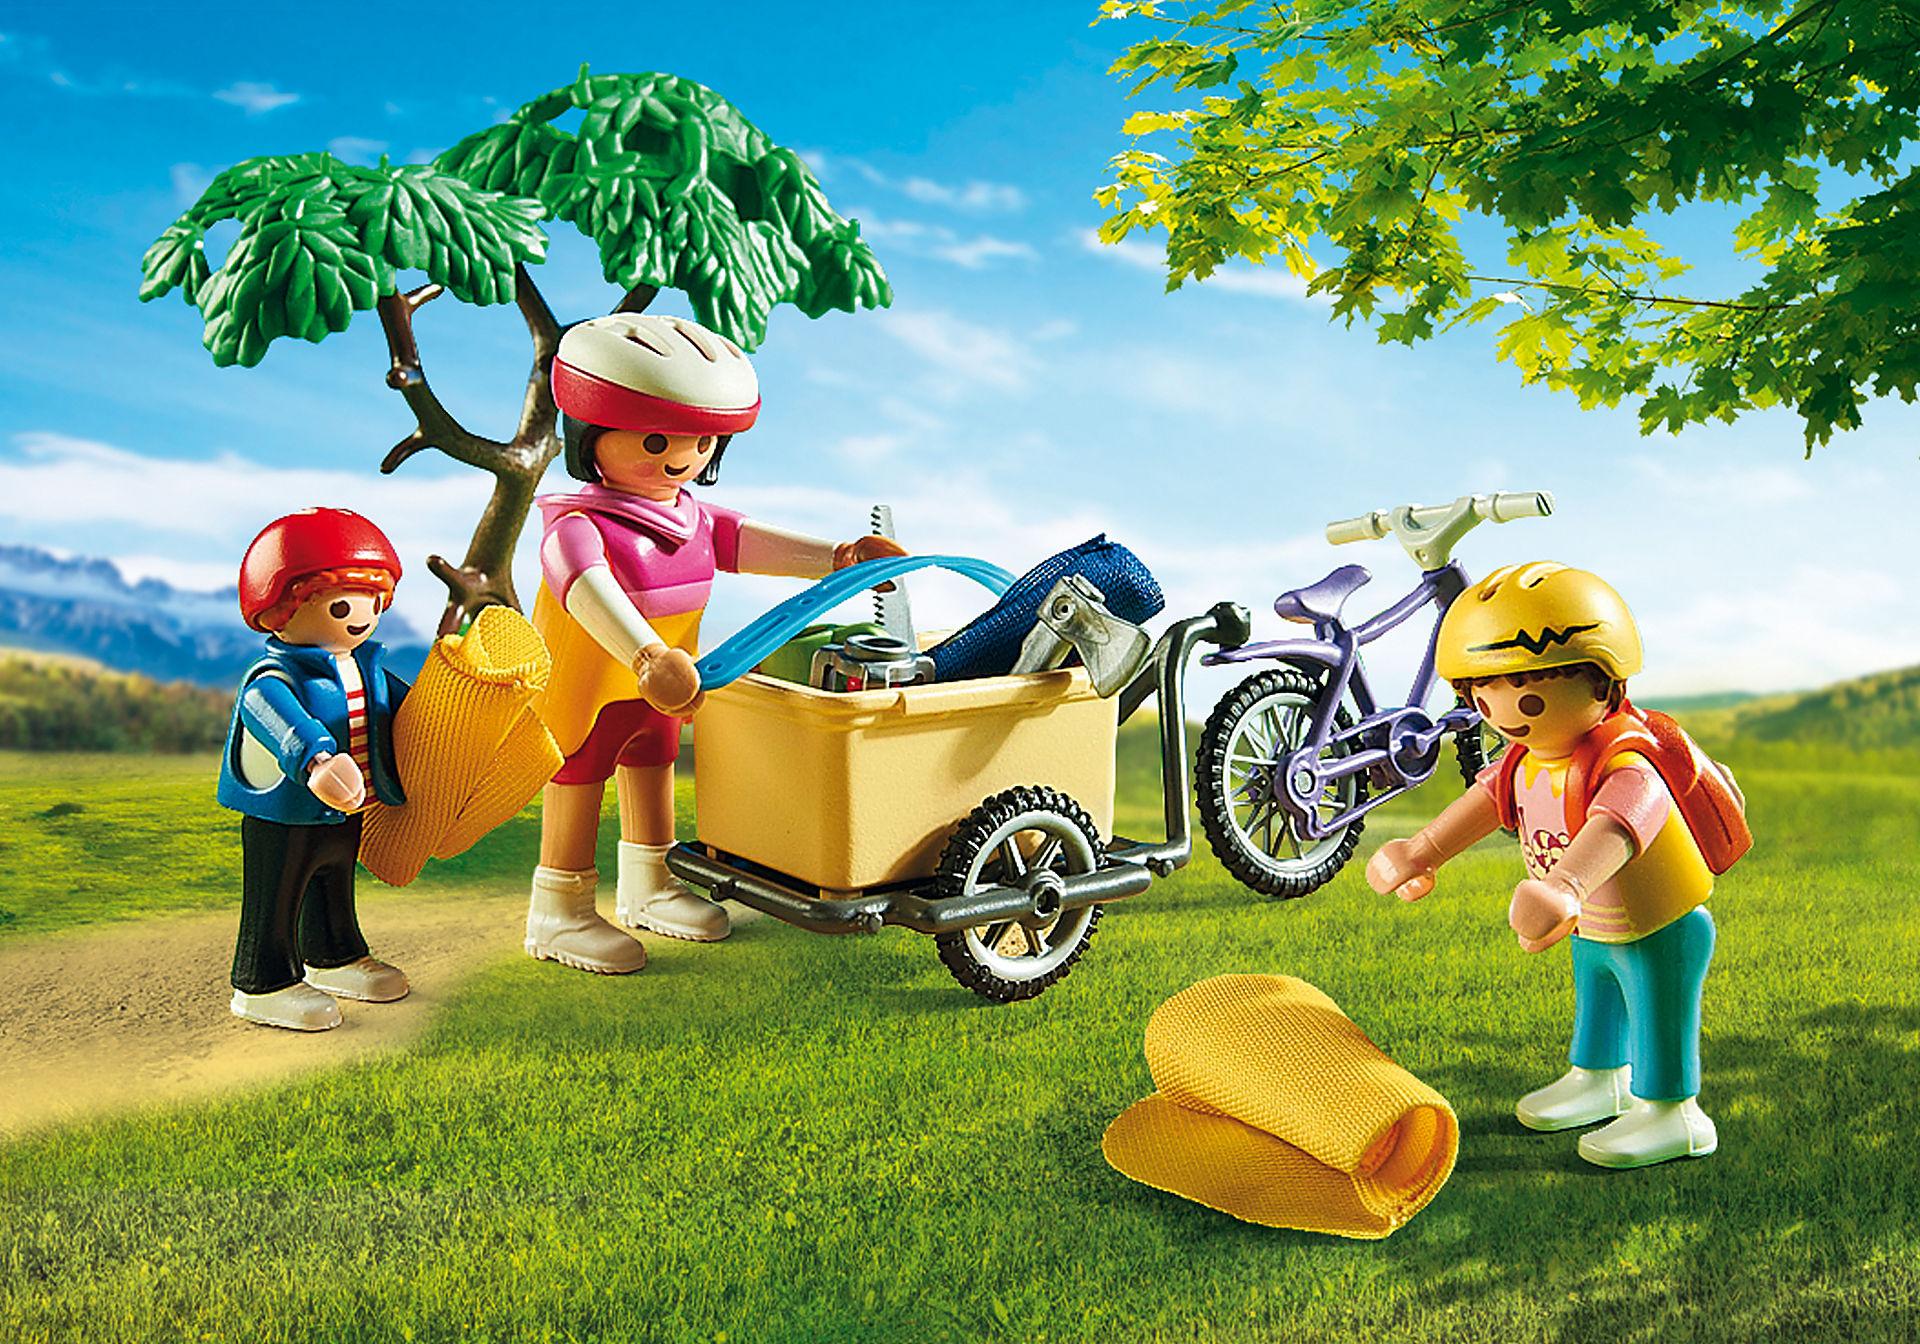 6890 Mountainbiketur med trækvogn zoom image6